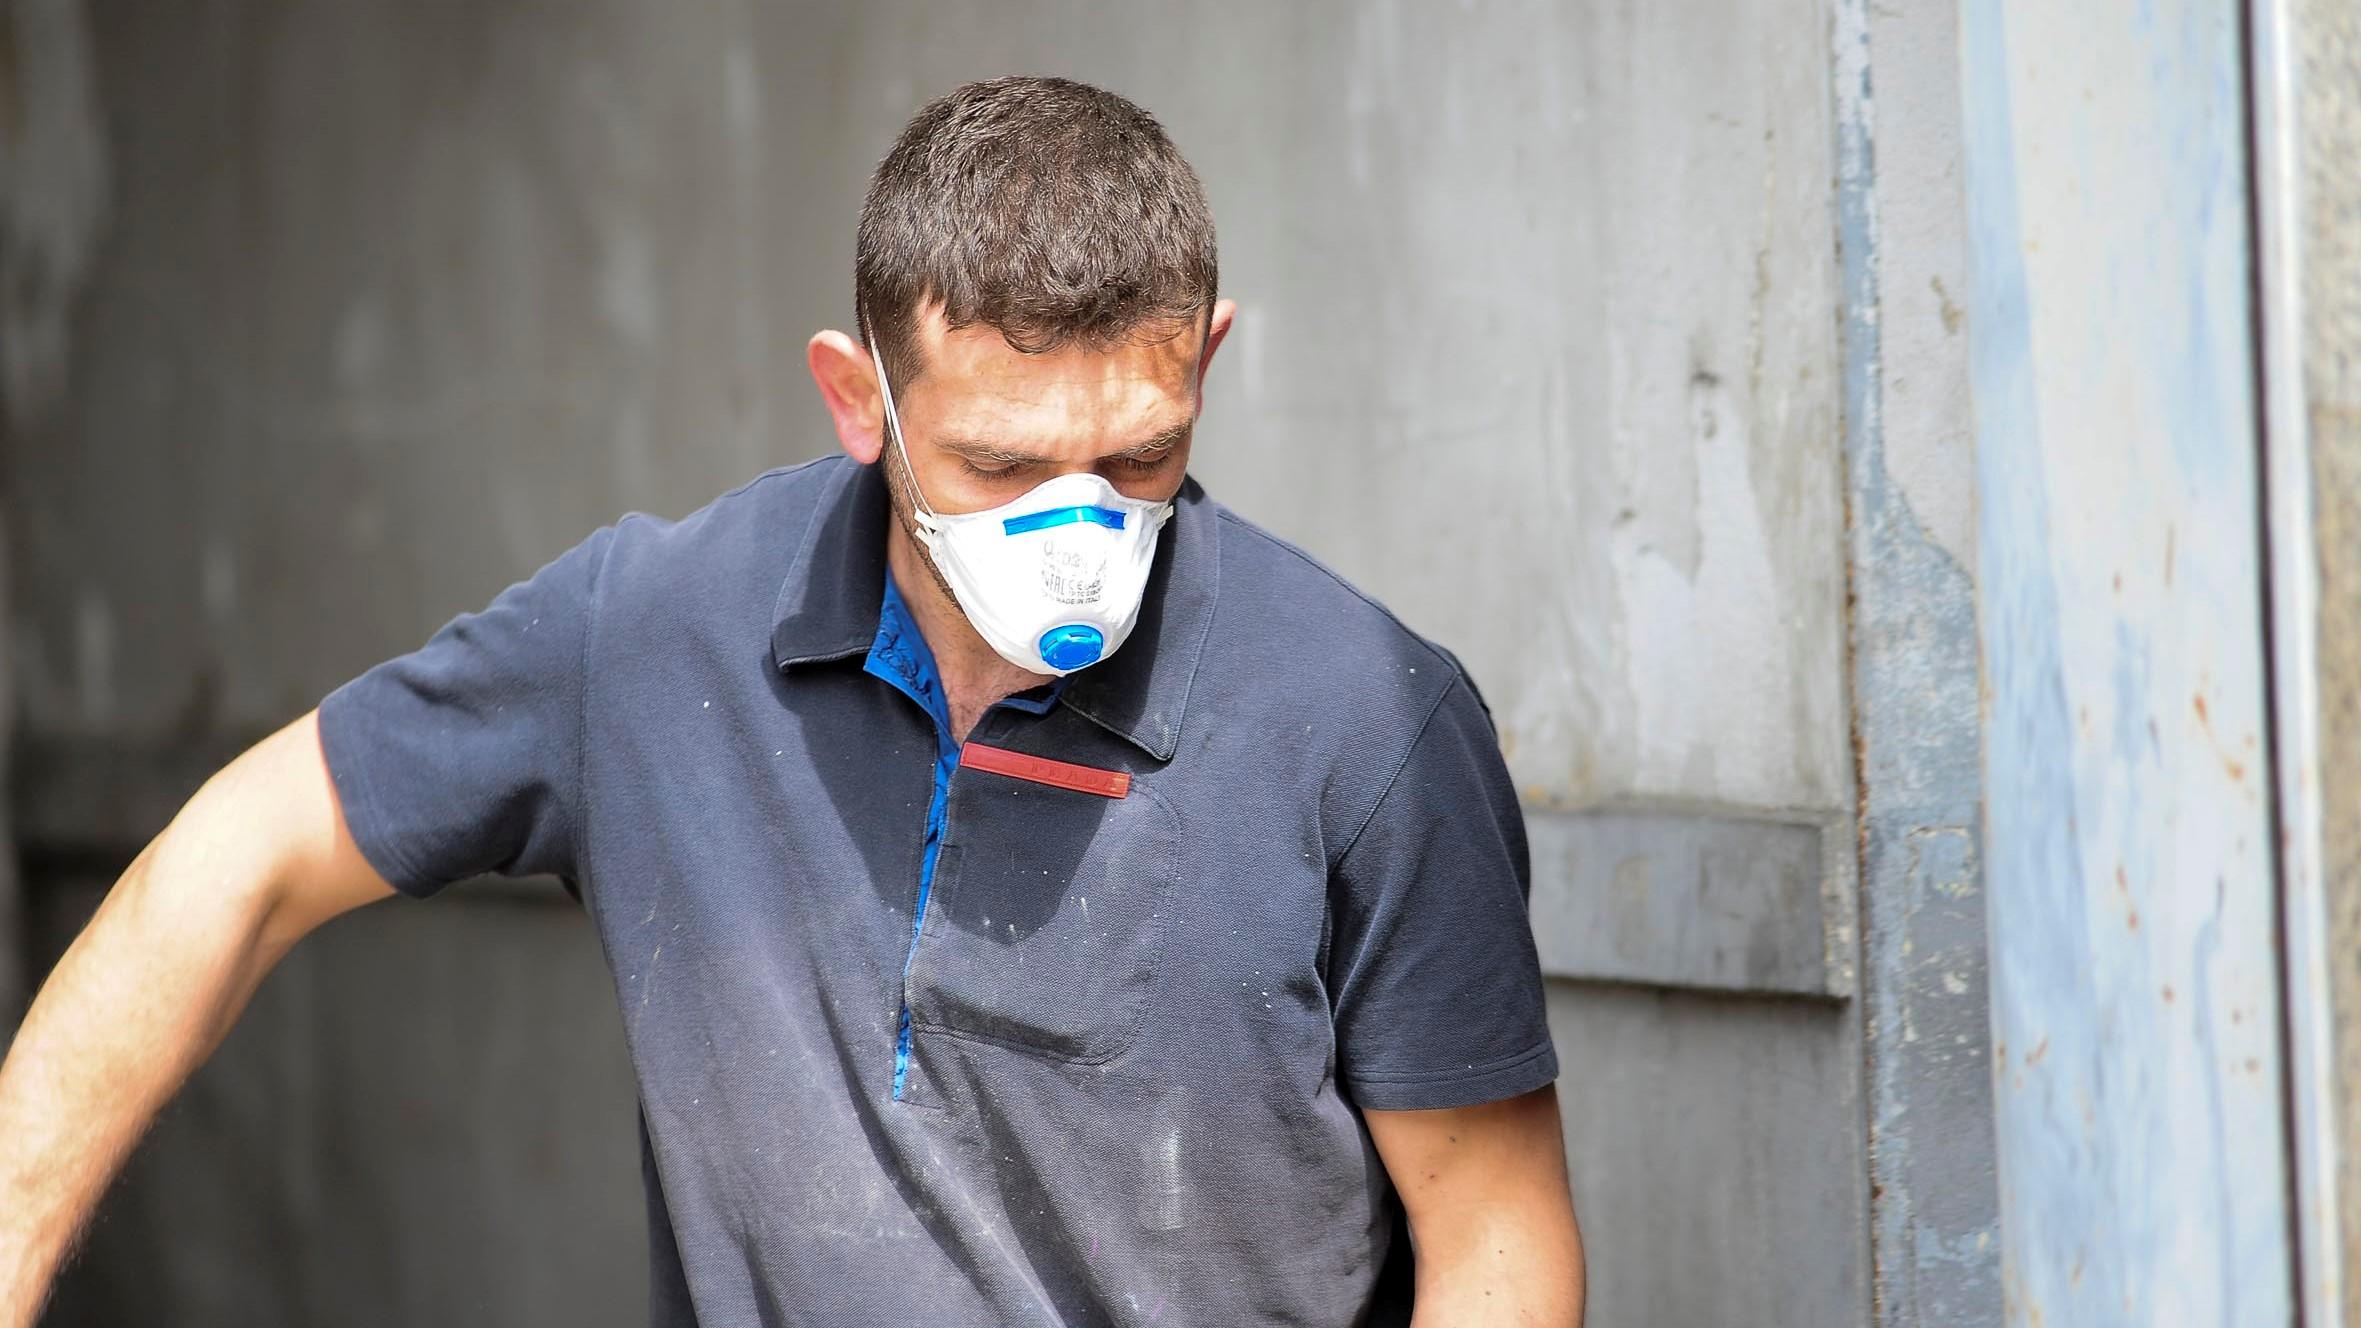 Lavoratore con mascherina per ridurre il rischio contagio da Covid-19